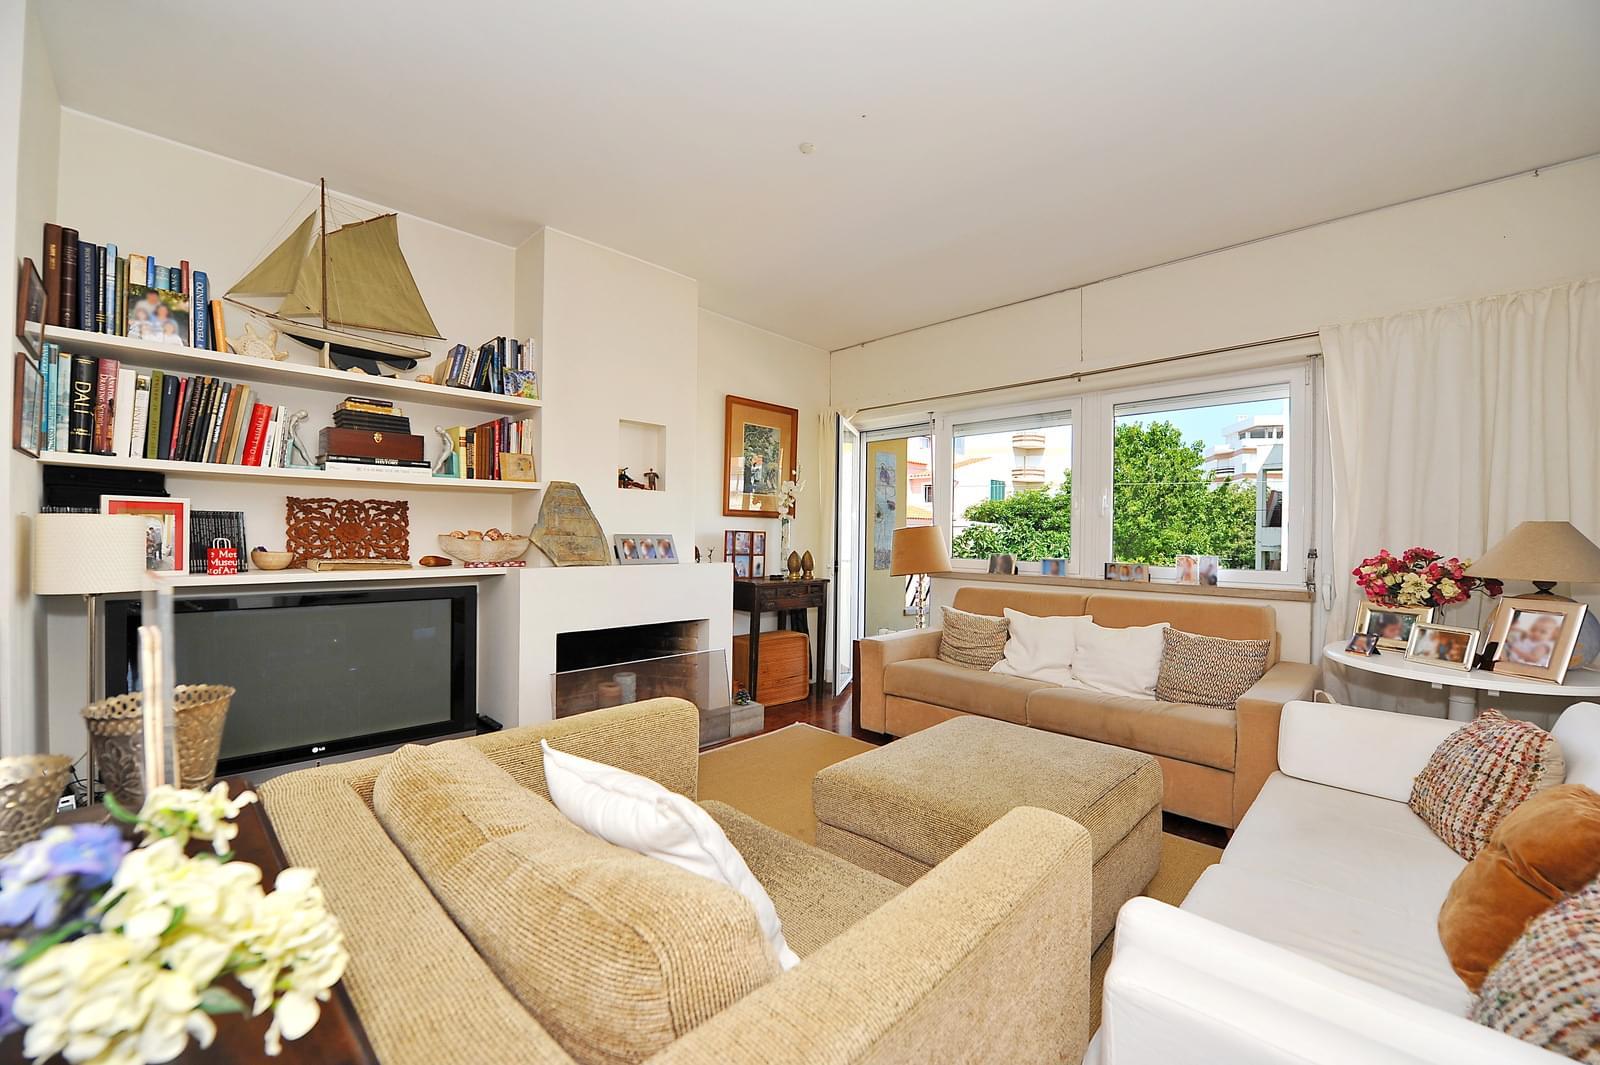 pf17942-apartamento-t4-1-cascais-8a25fb8f-866d-46ed-8077-300d812f980d